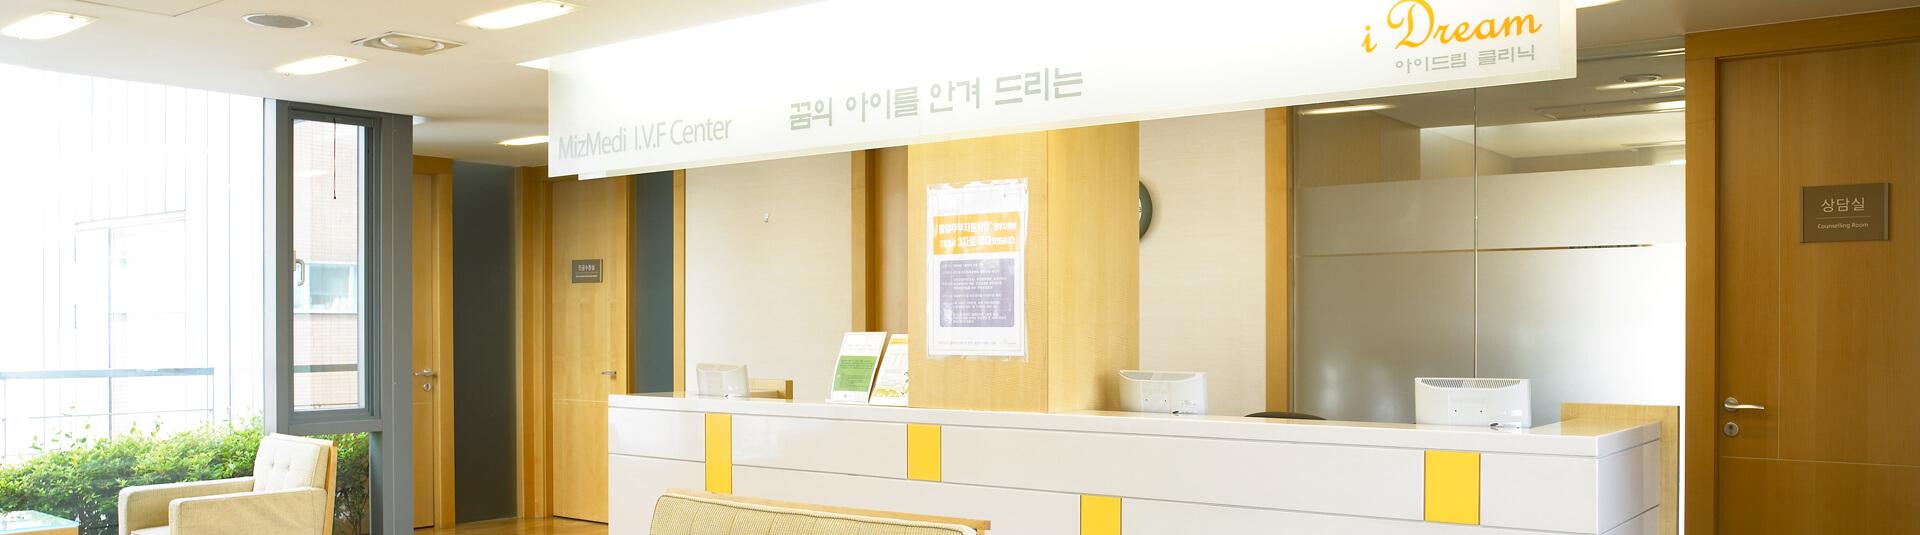 韩国Miz-Medi医院2.jpg